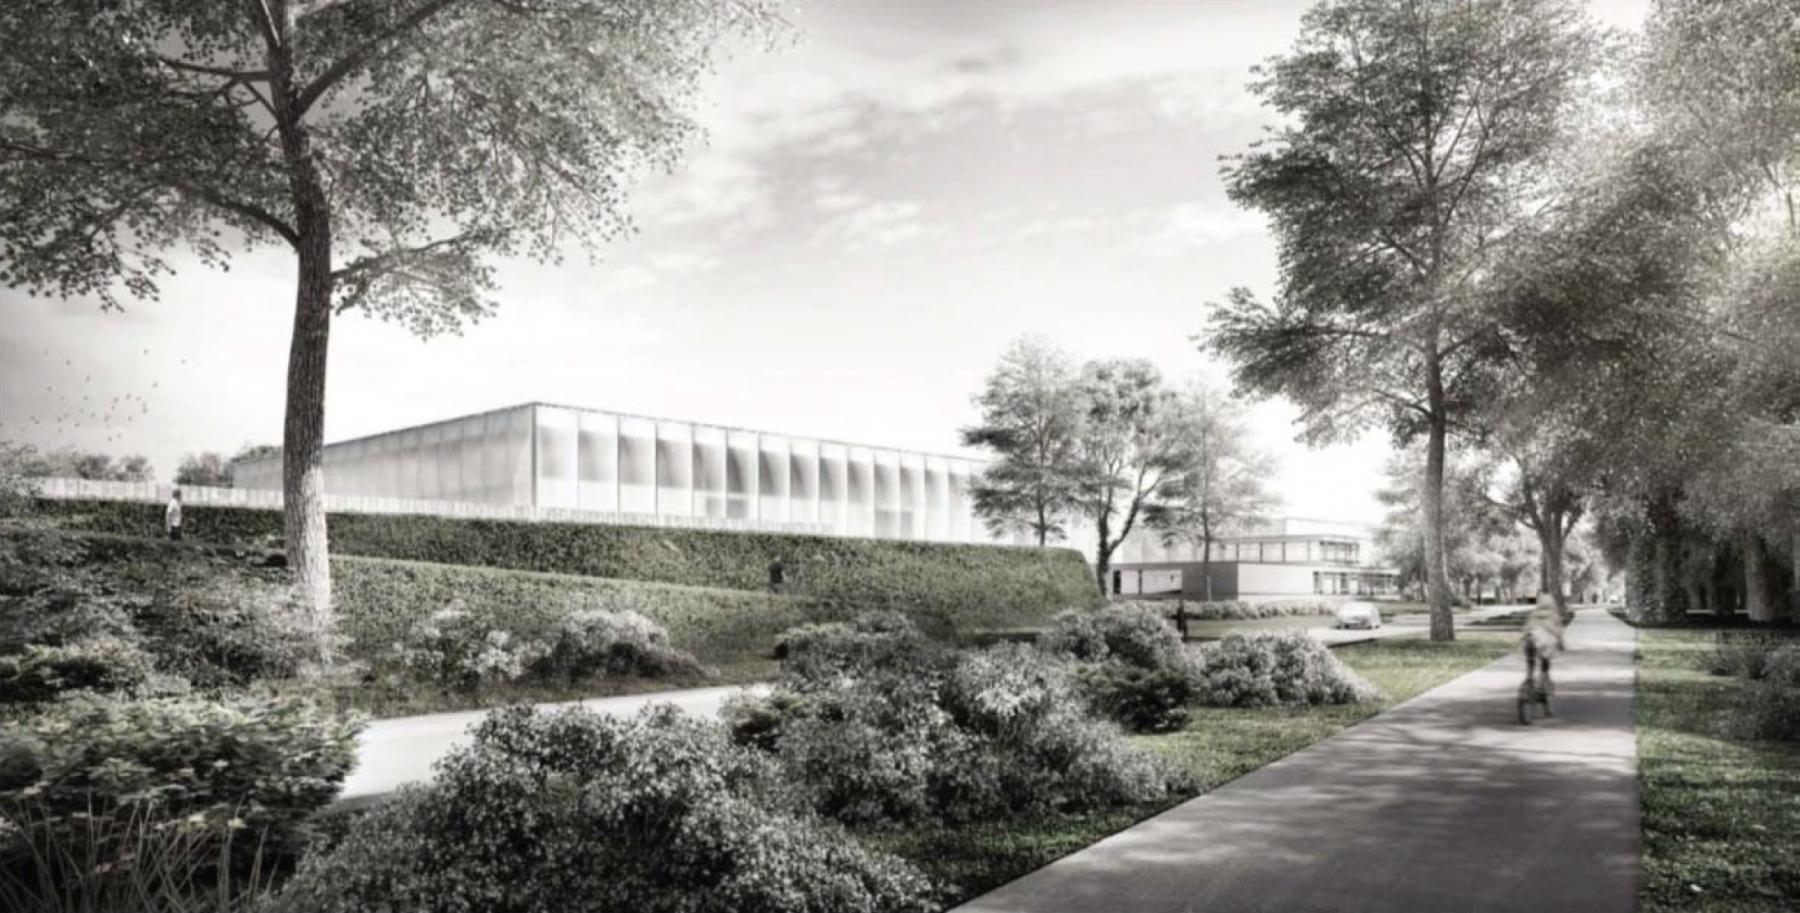 Station d'épuration de Vidy, concept architectural + concept paysager, Lausanne, m+n architectes & Séraphin Hirtz, MONA